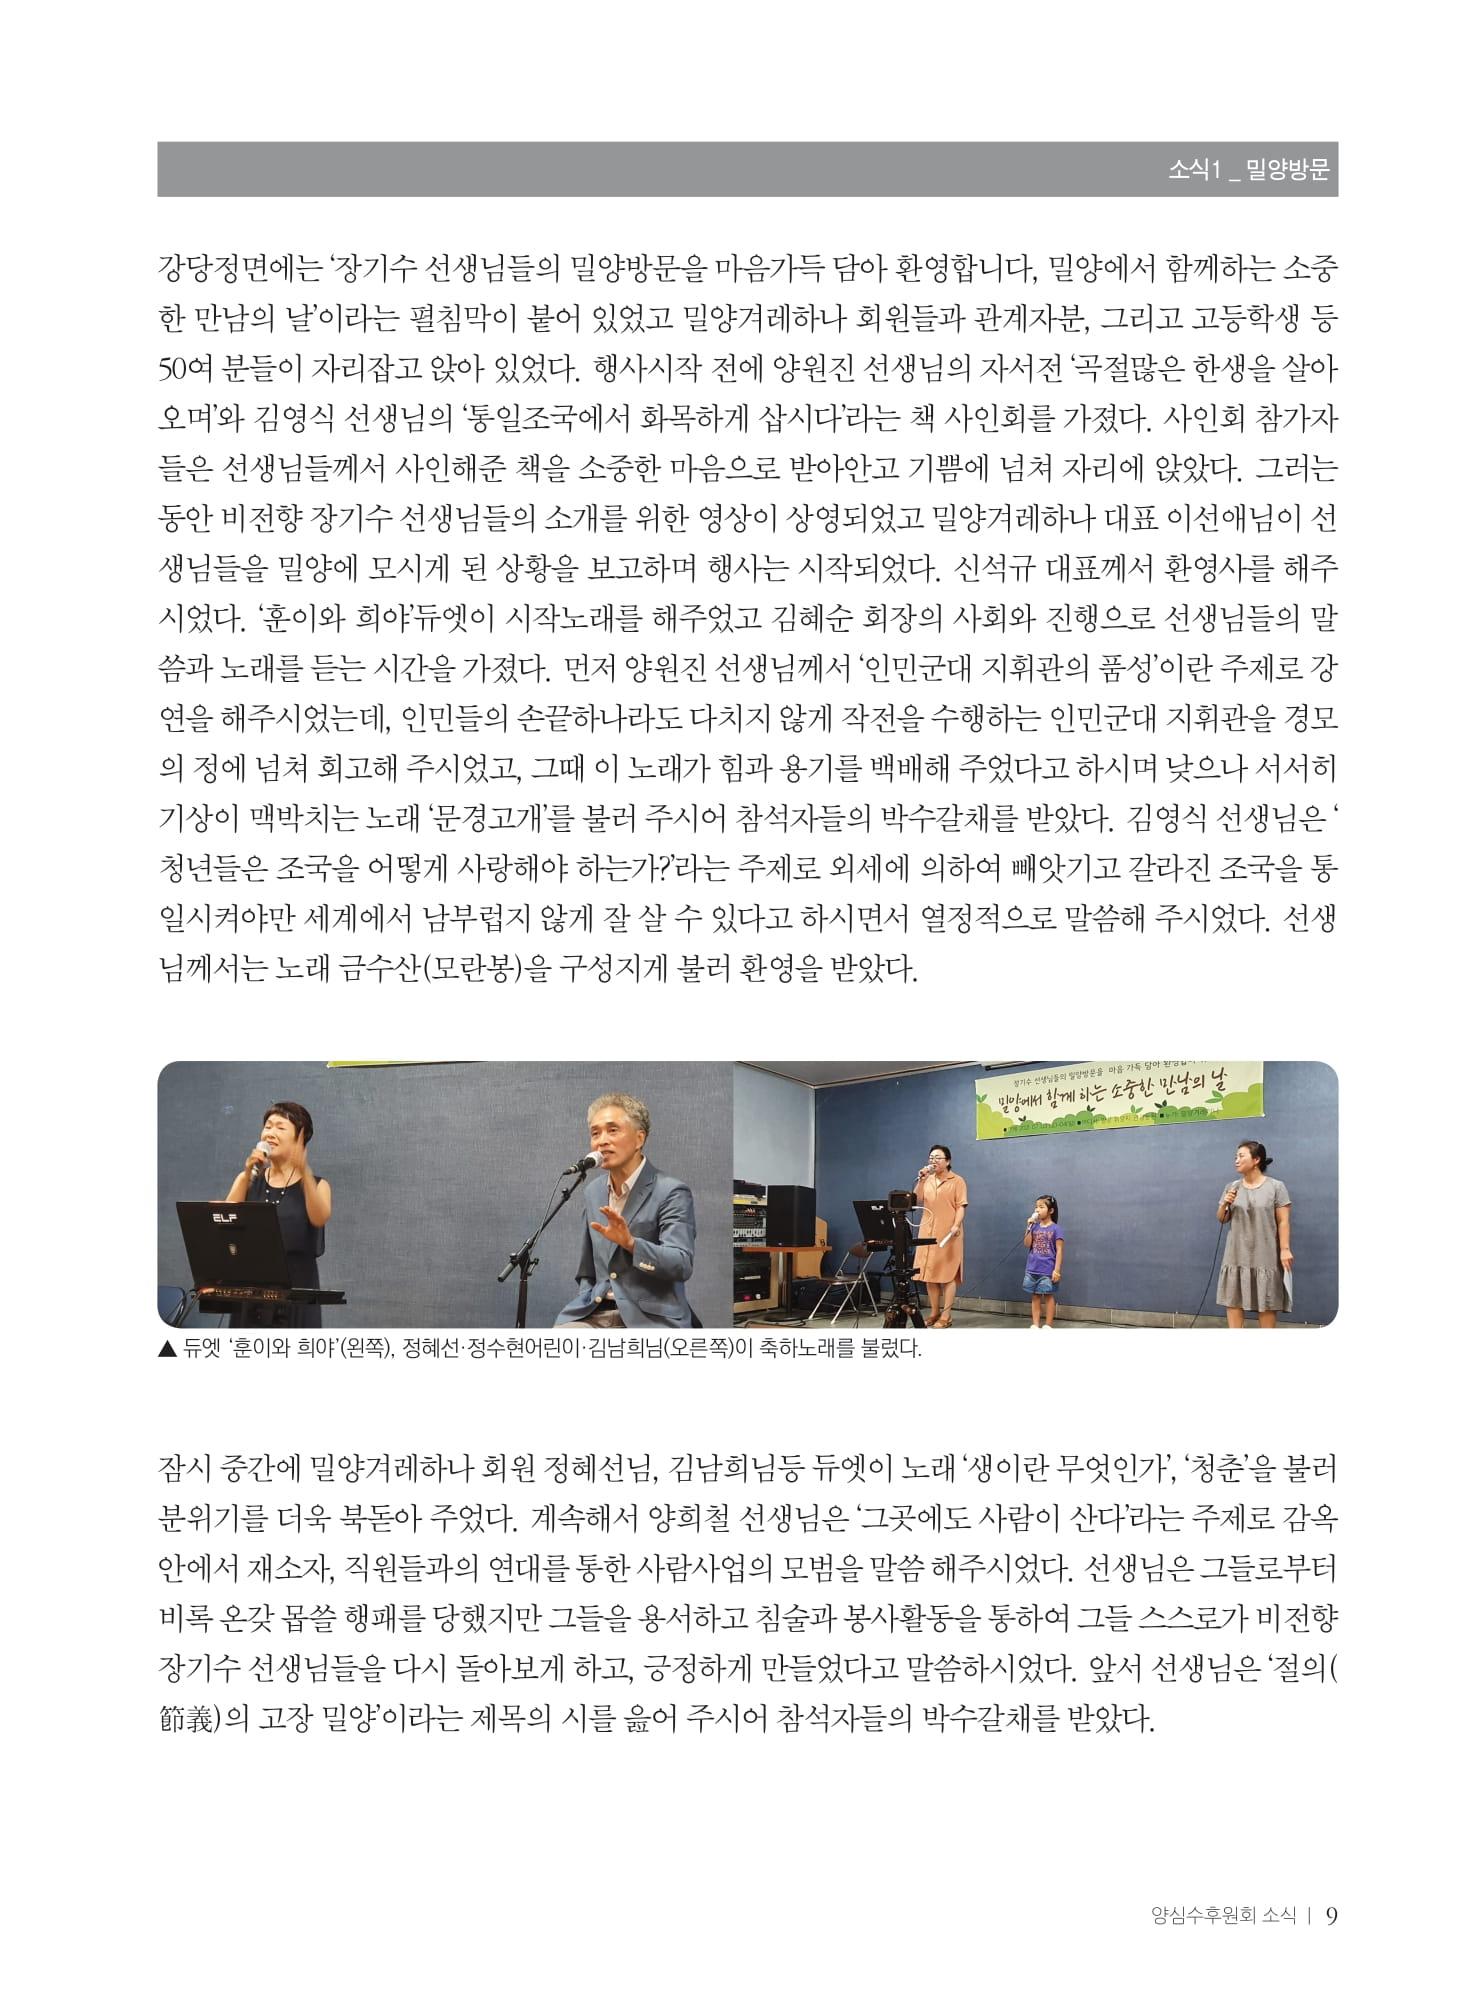 [양심수후원회] 소식지 354호 web 수정-11.jpg